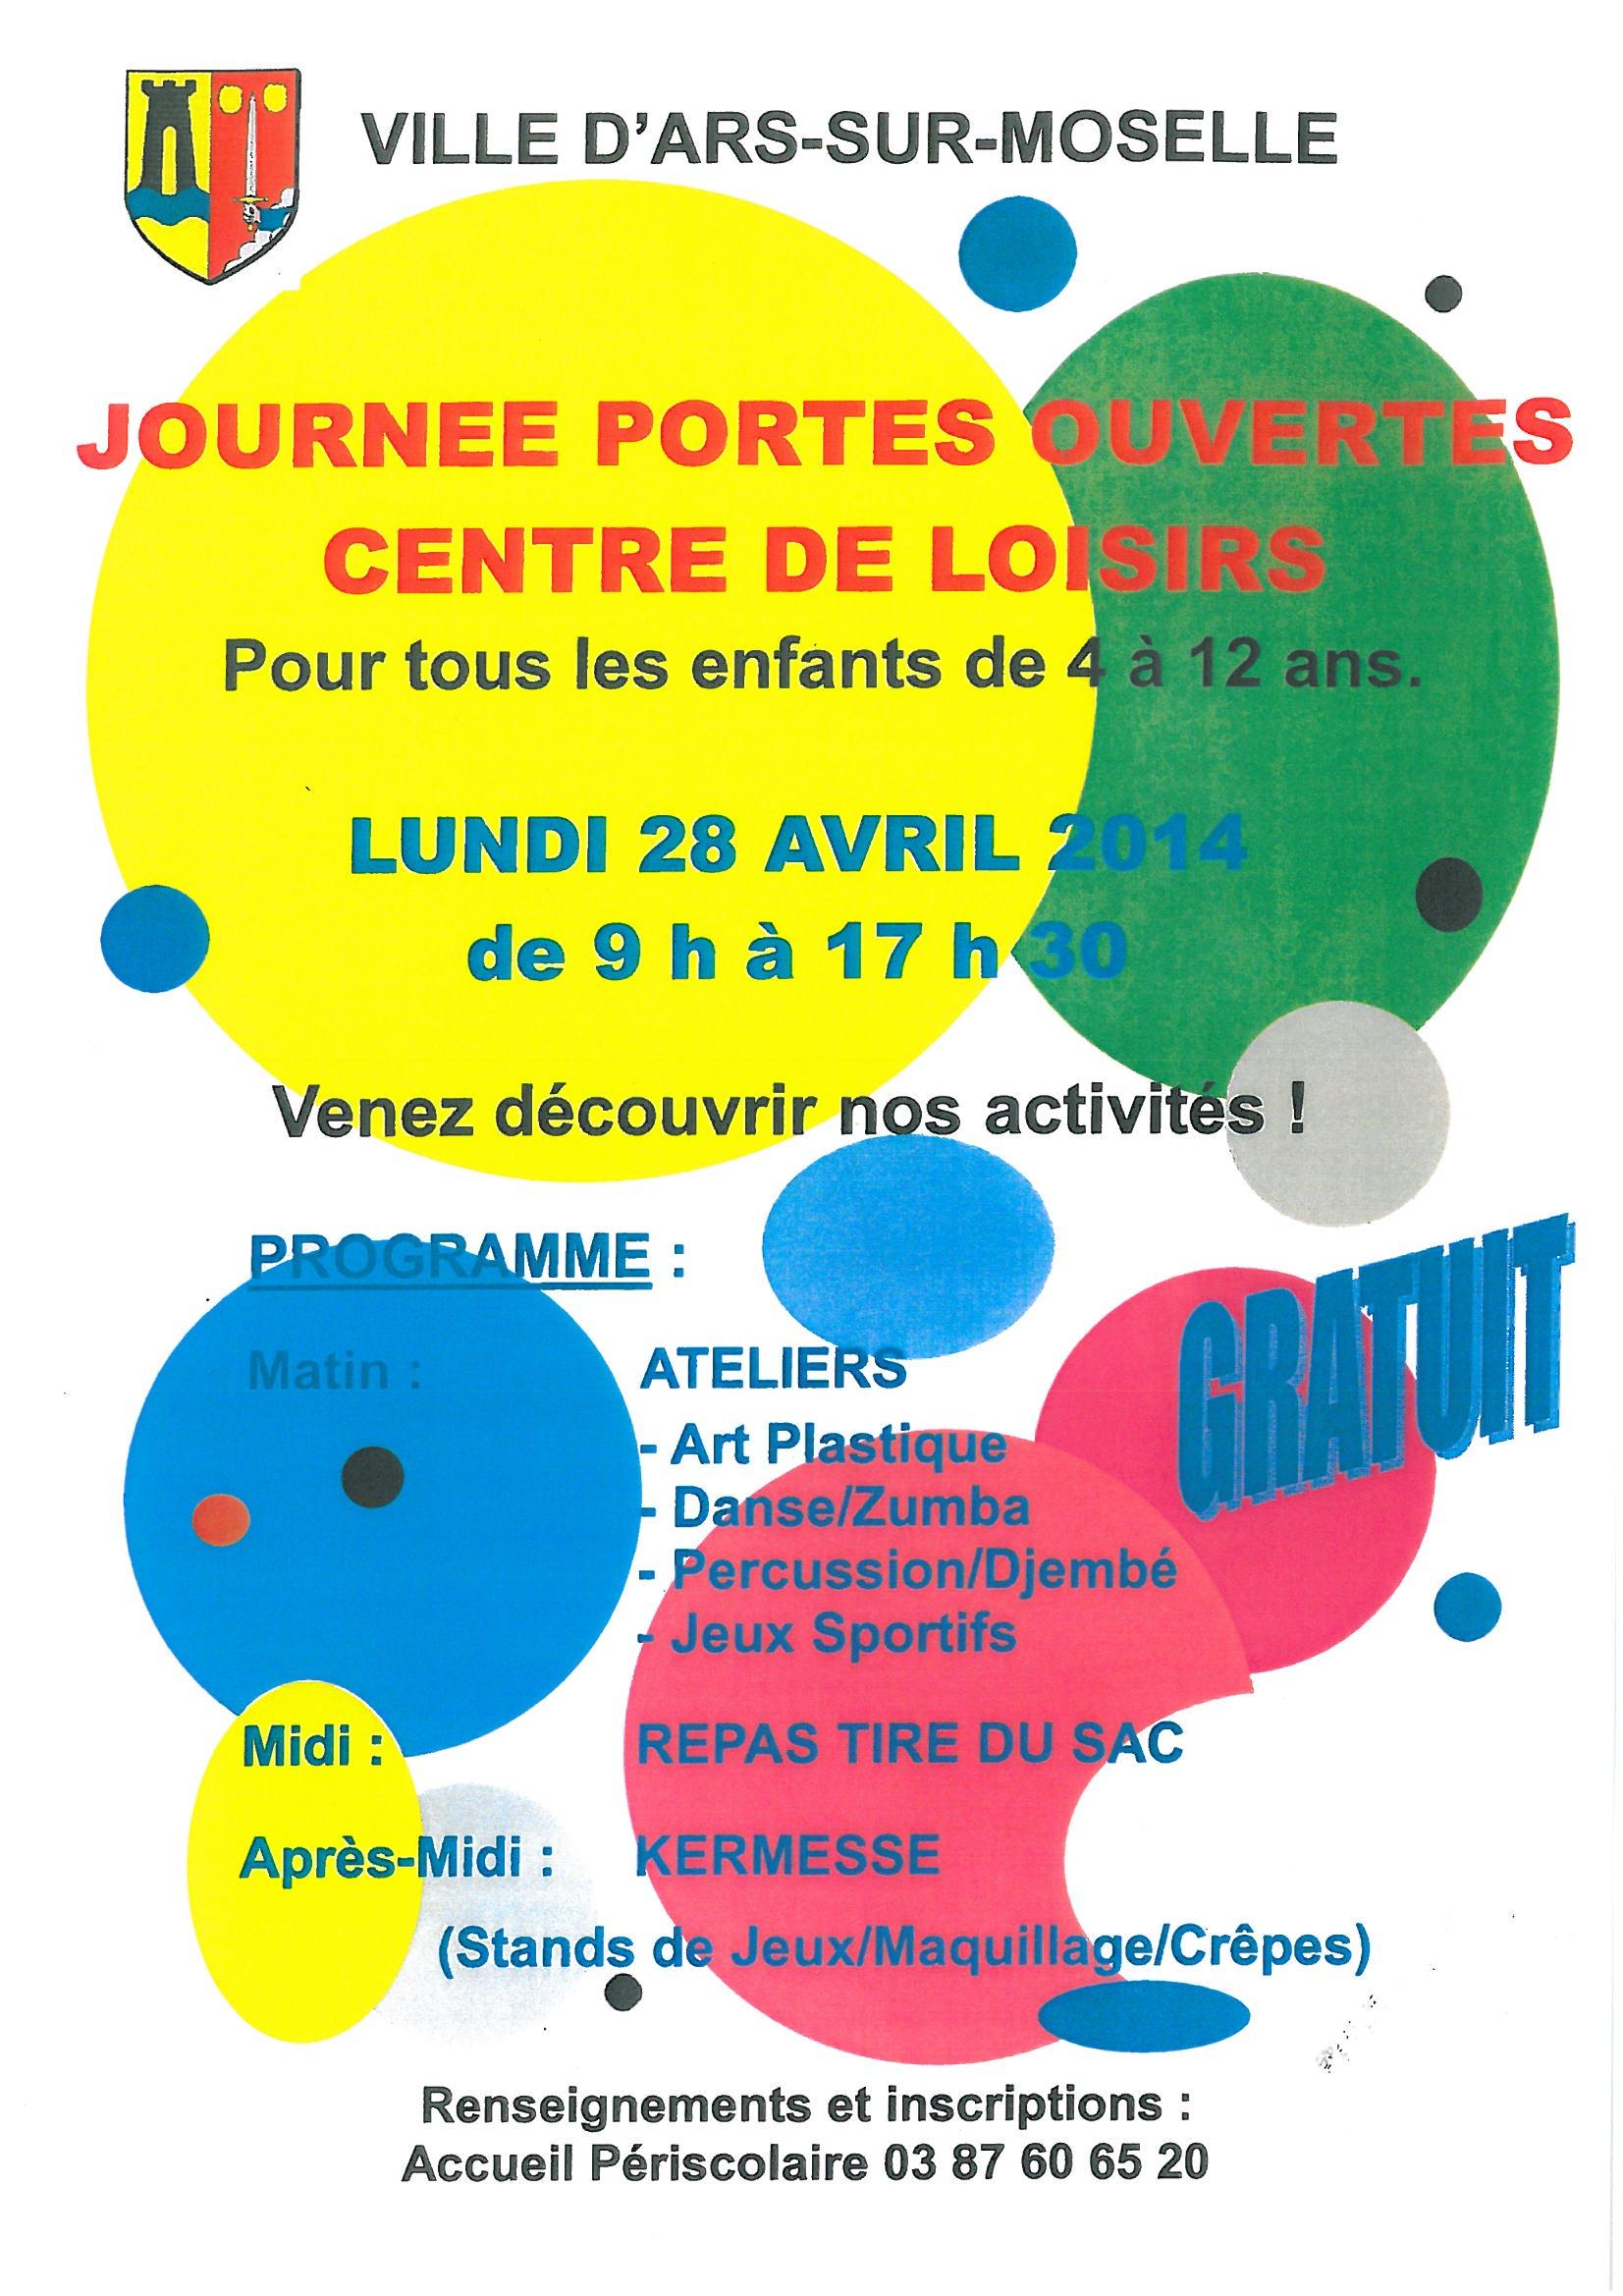 JOURNEE PORTES OUVERTES CENTRE DE LOISIRS lundi 28 avril